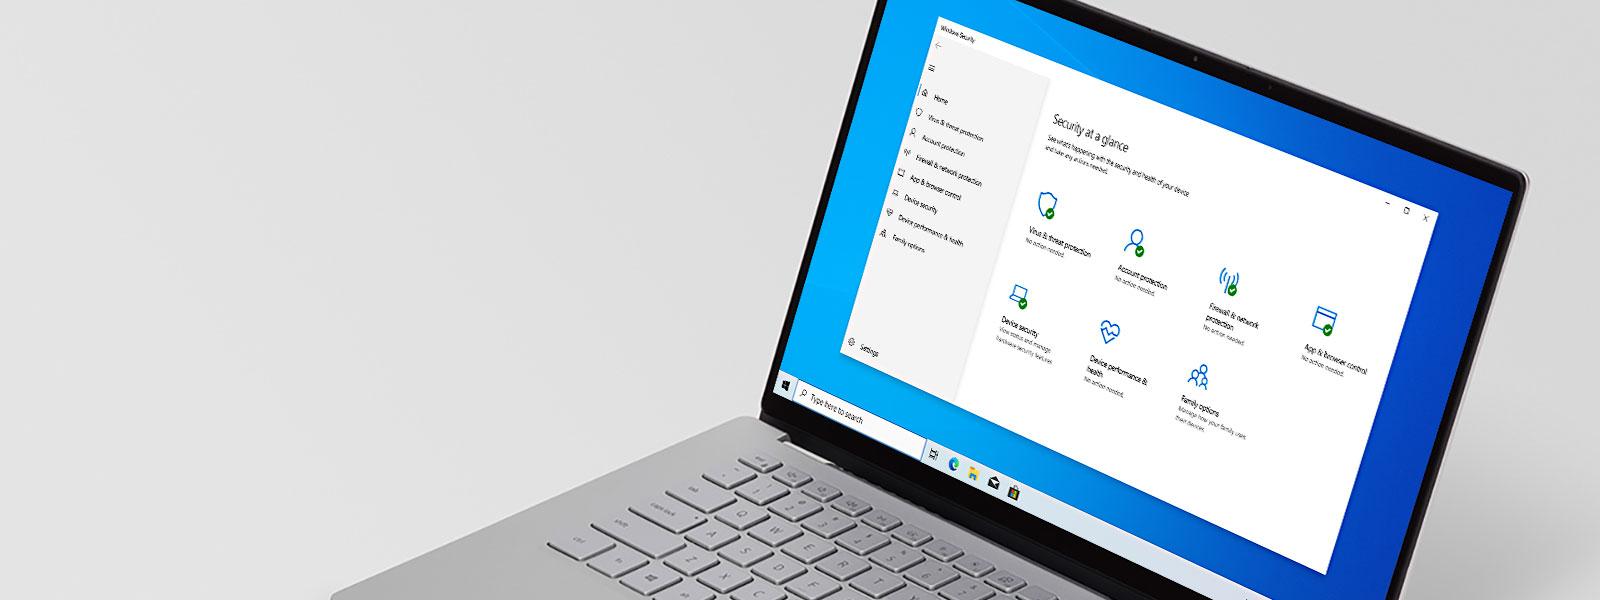 מחשב נייד עם Windows 10 המציג חלון עם האנטי-וירוס Microsoft Defender